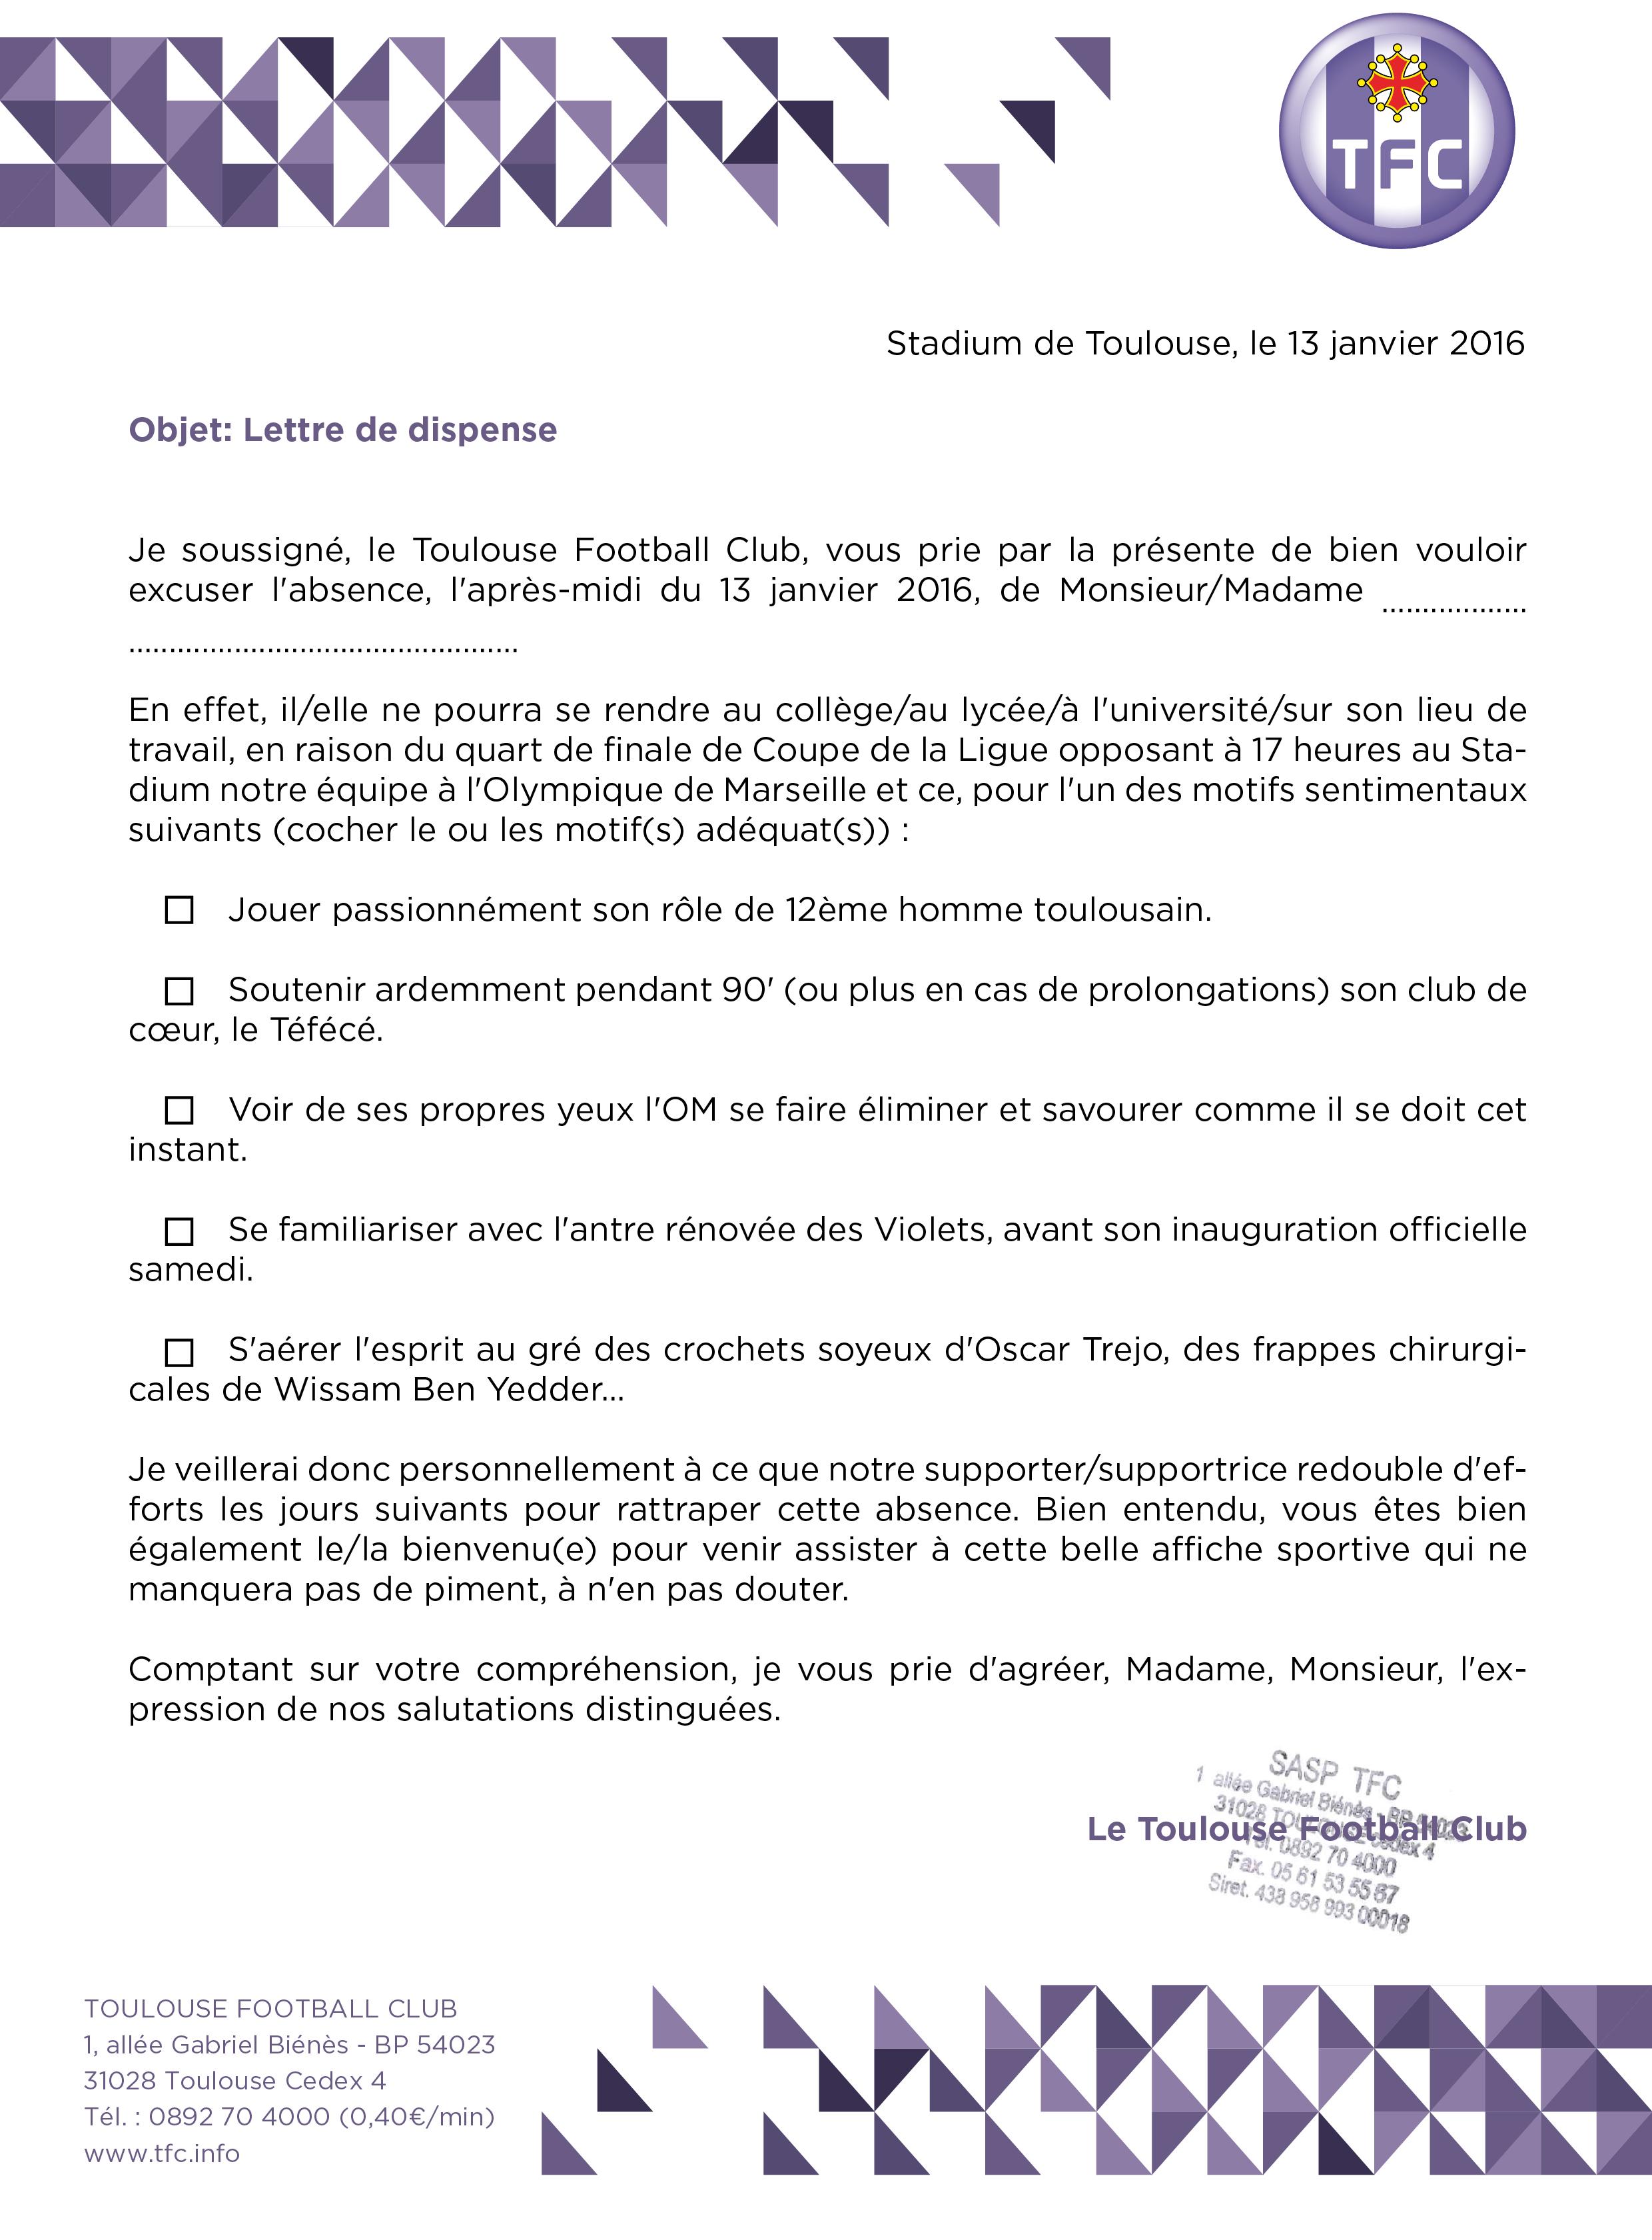 Lettre d'absence pour assister à TFC/Marseille | Le site officiel